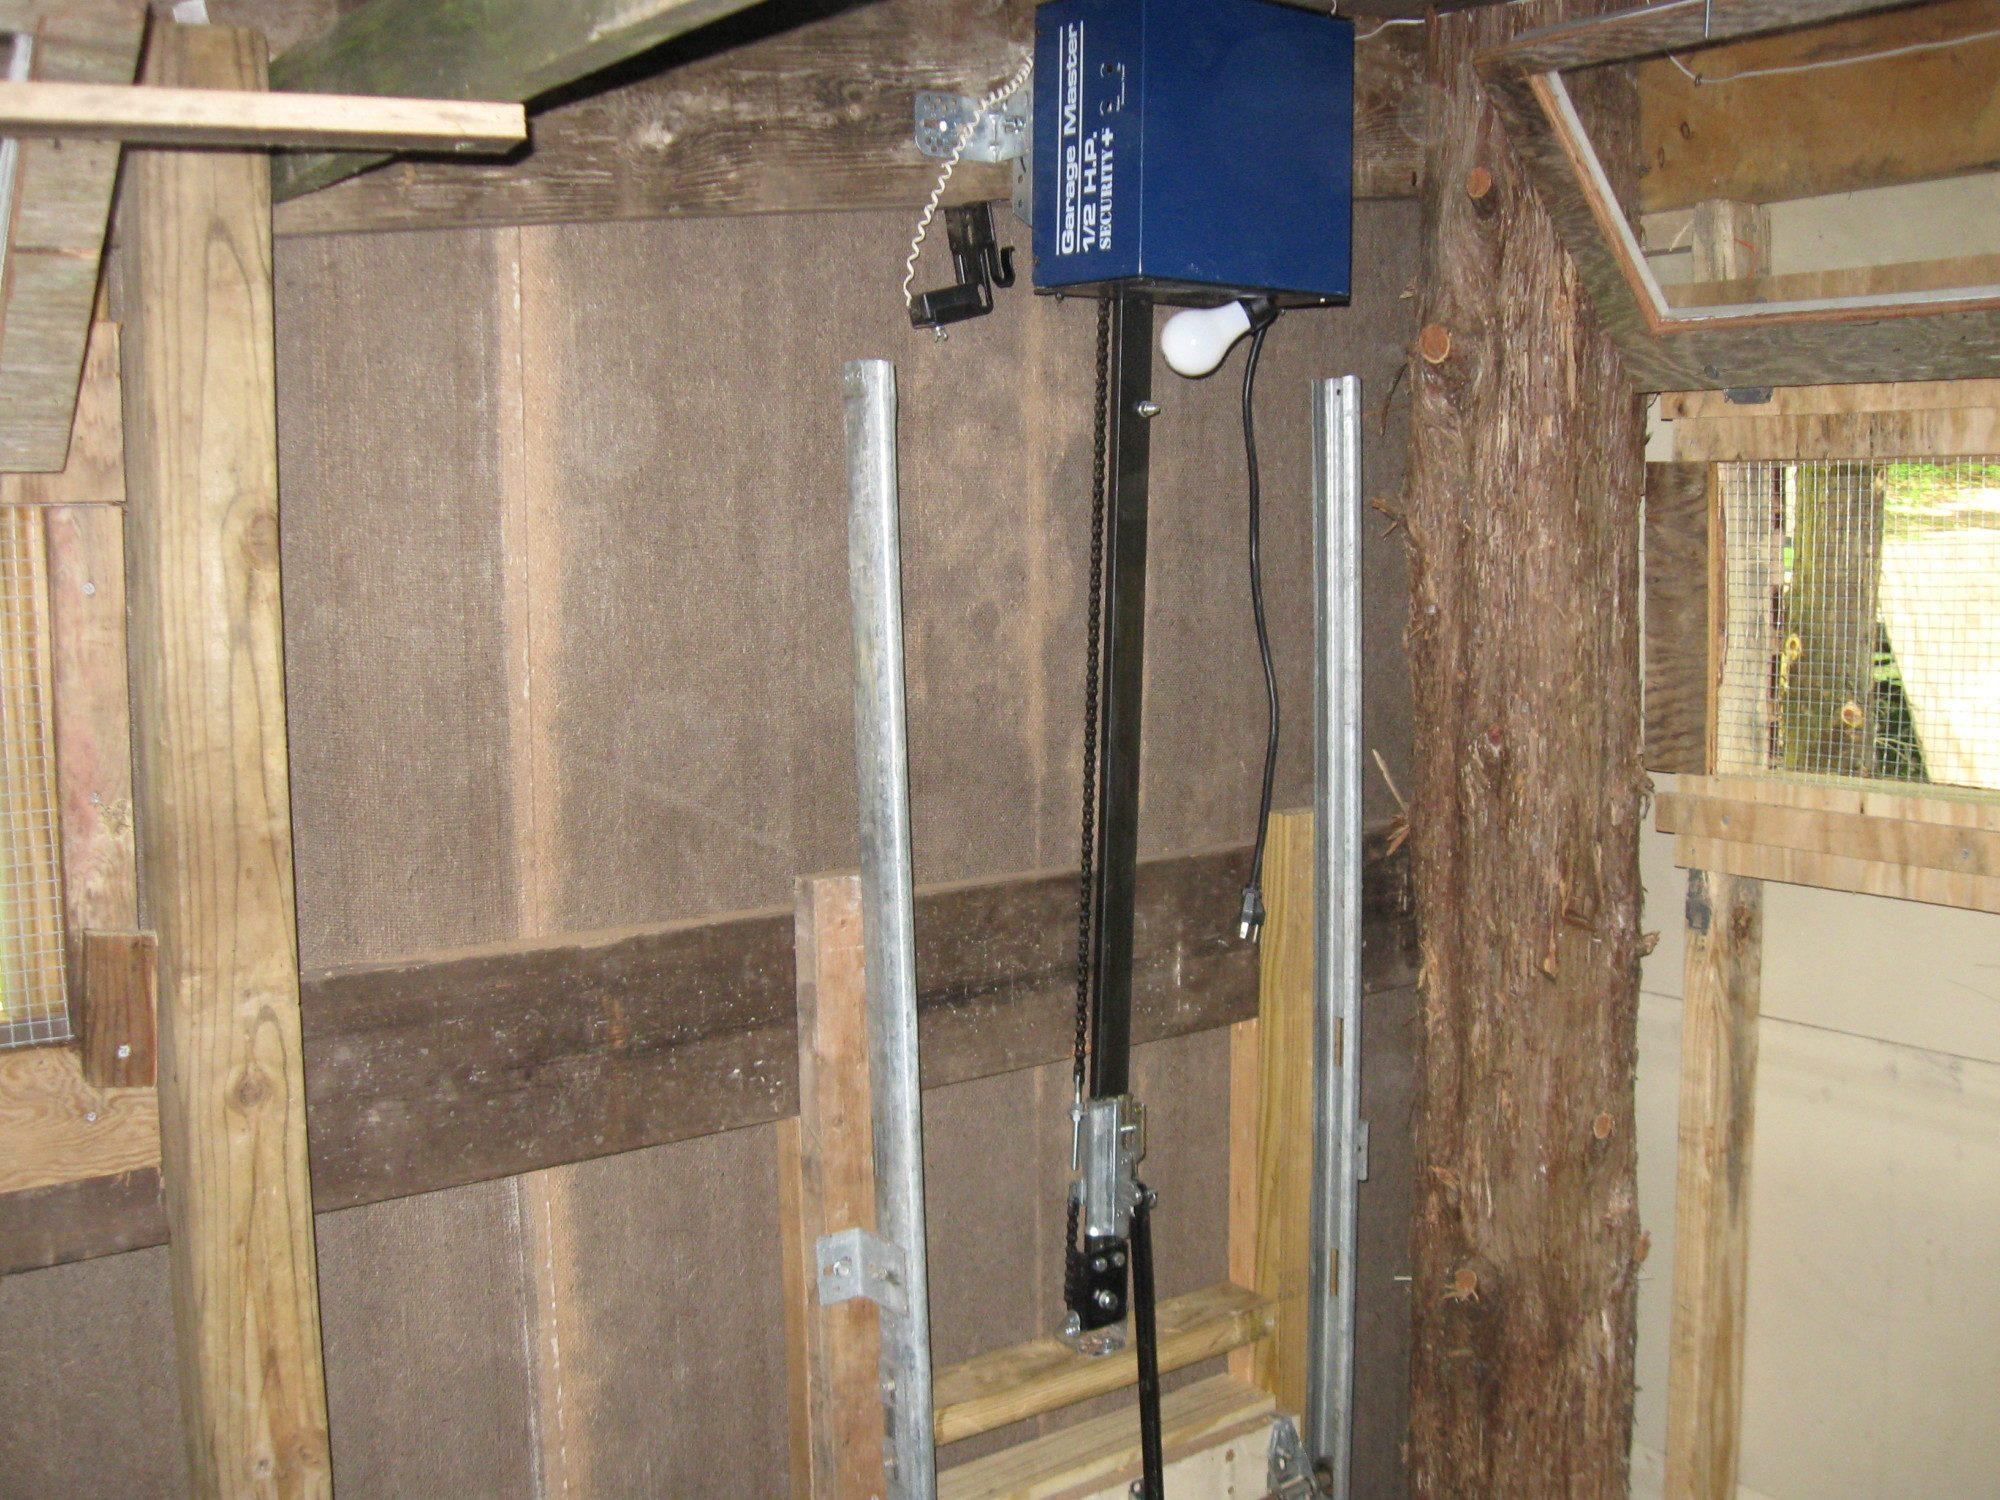 Automatic coop door opener